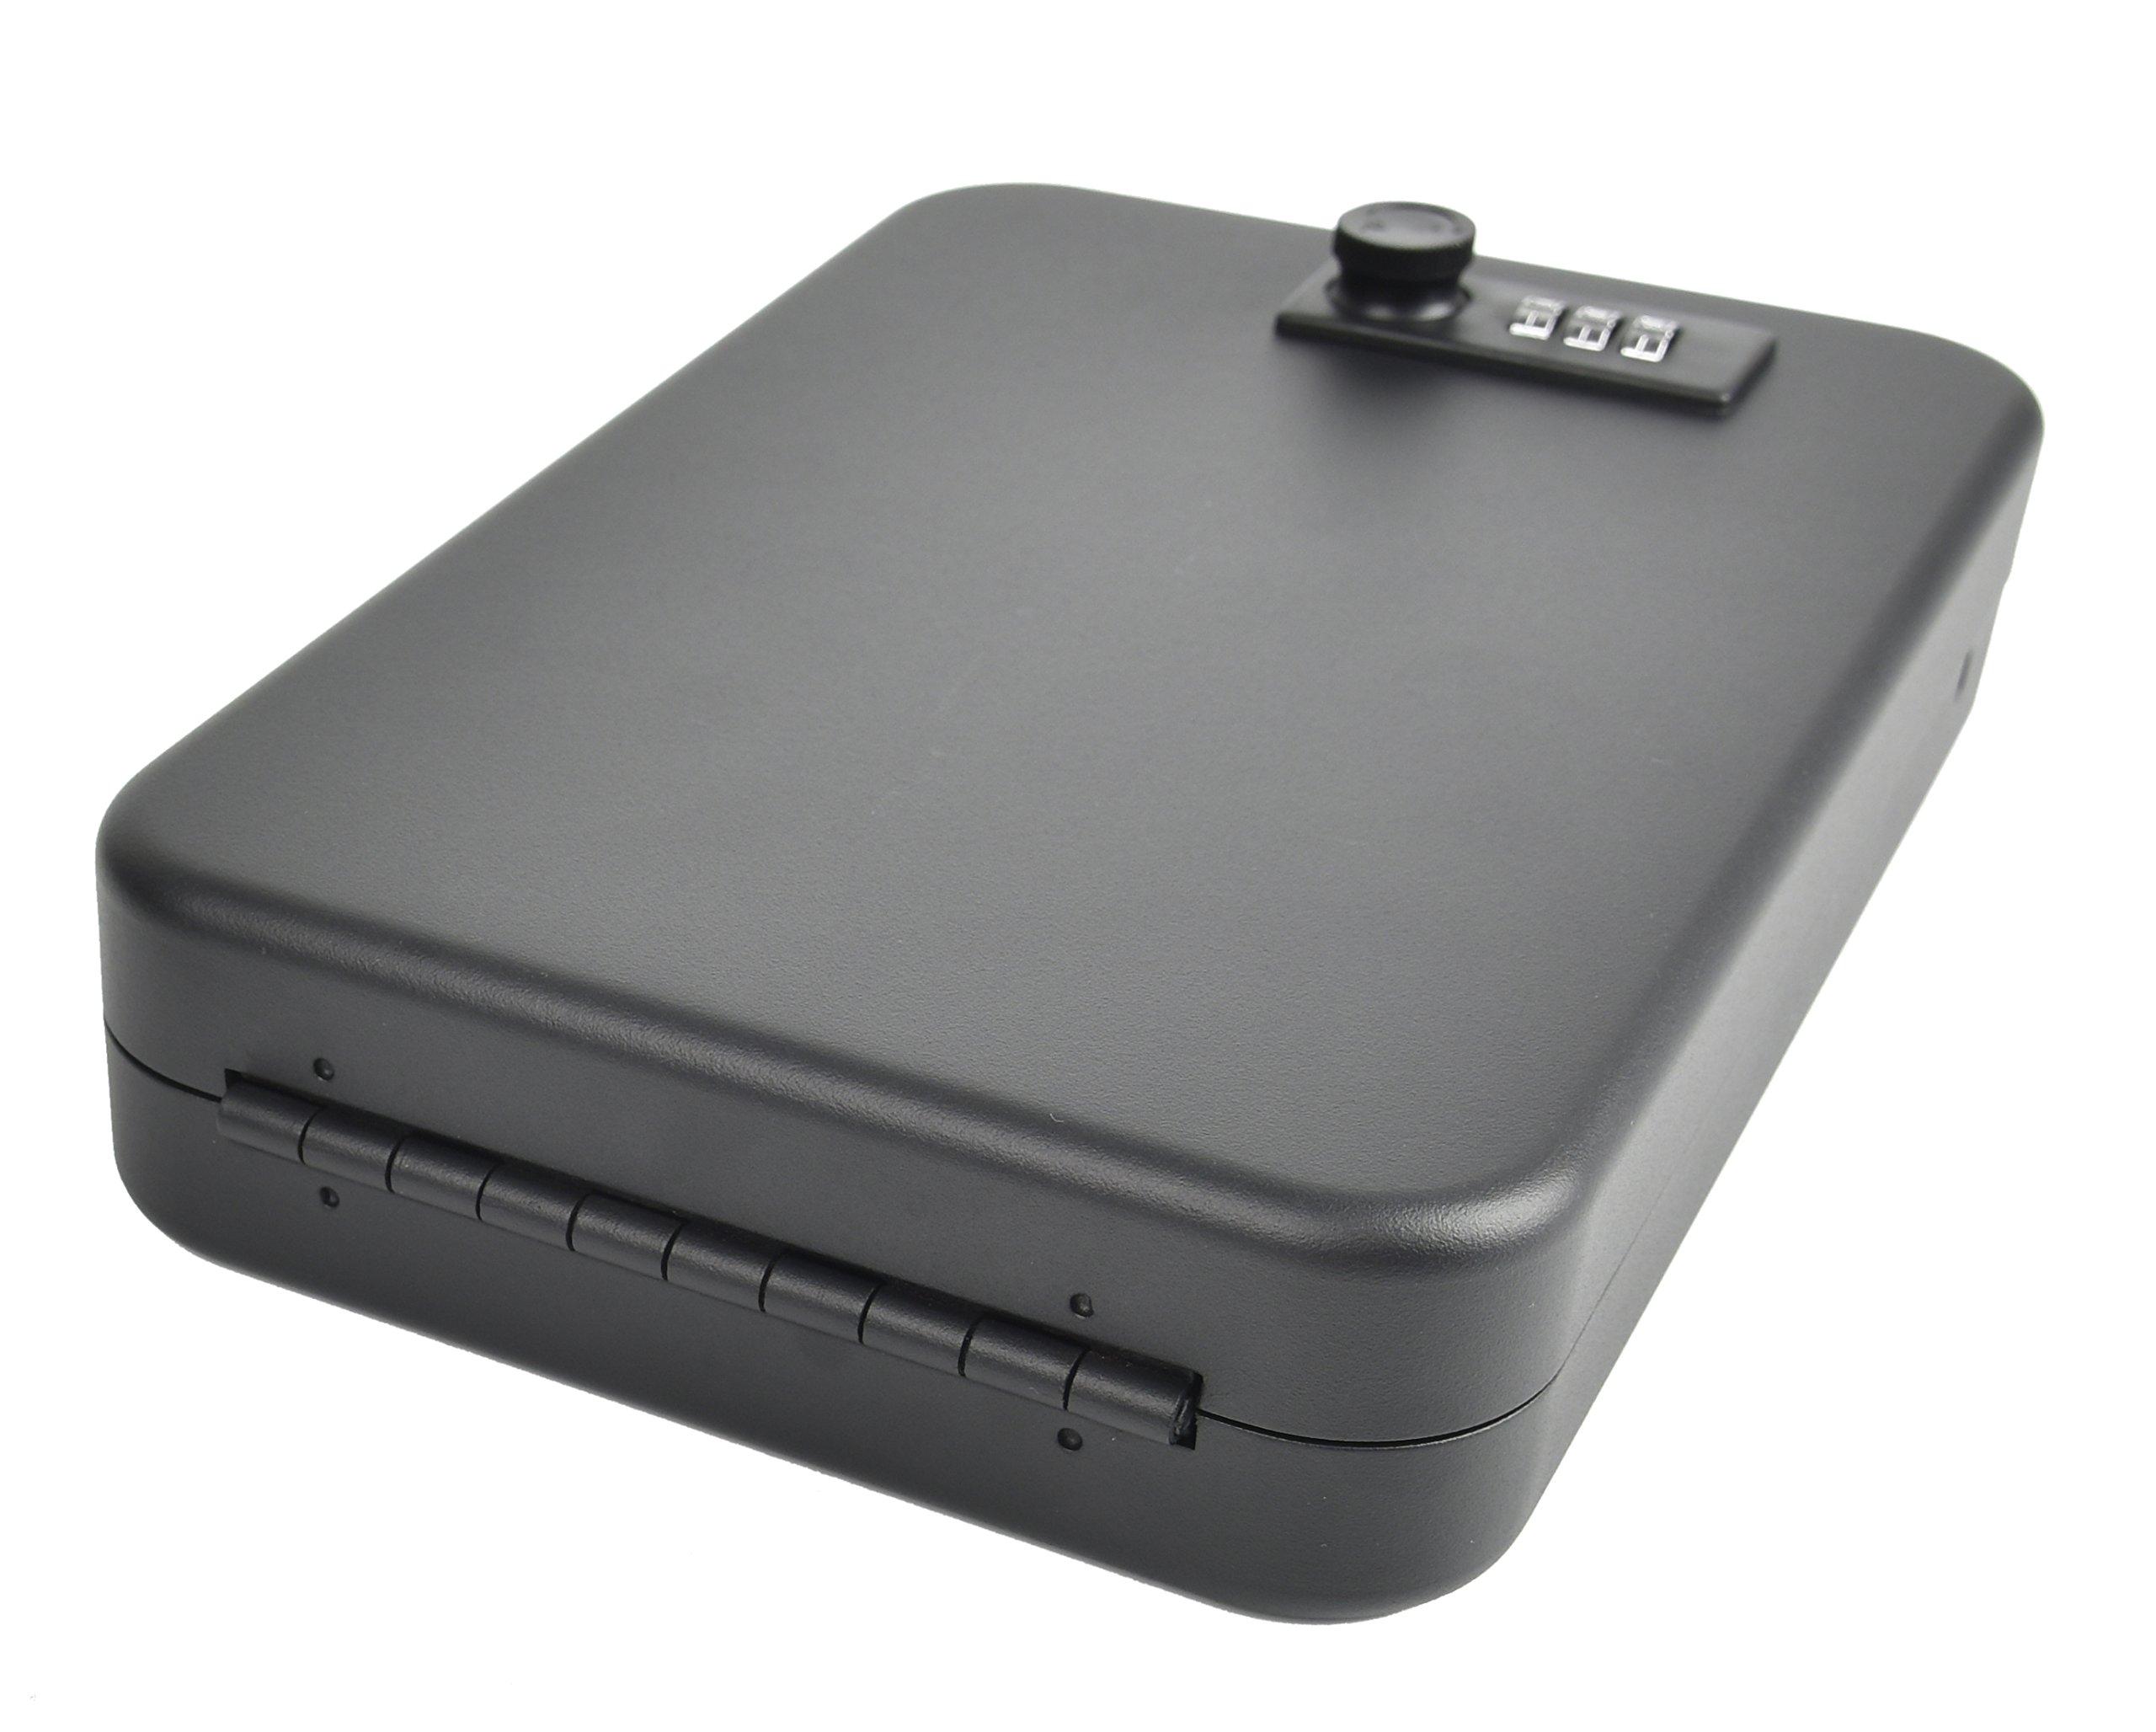 GOJOOASIS Pistol Case Digits Combination Lock Box Portable Handgun Safe Storage Steel